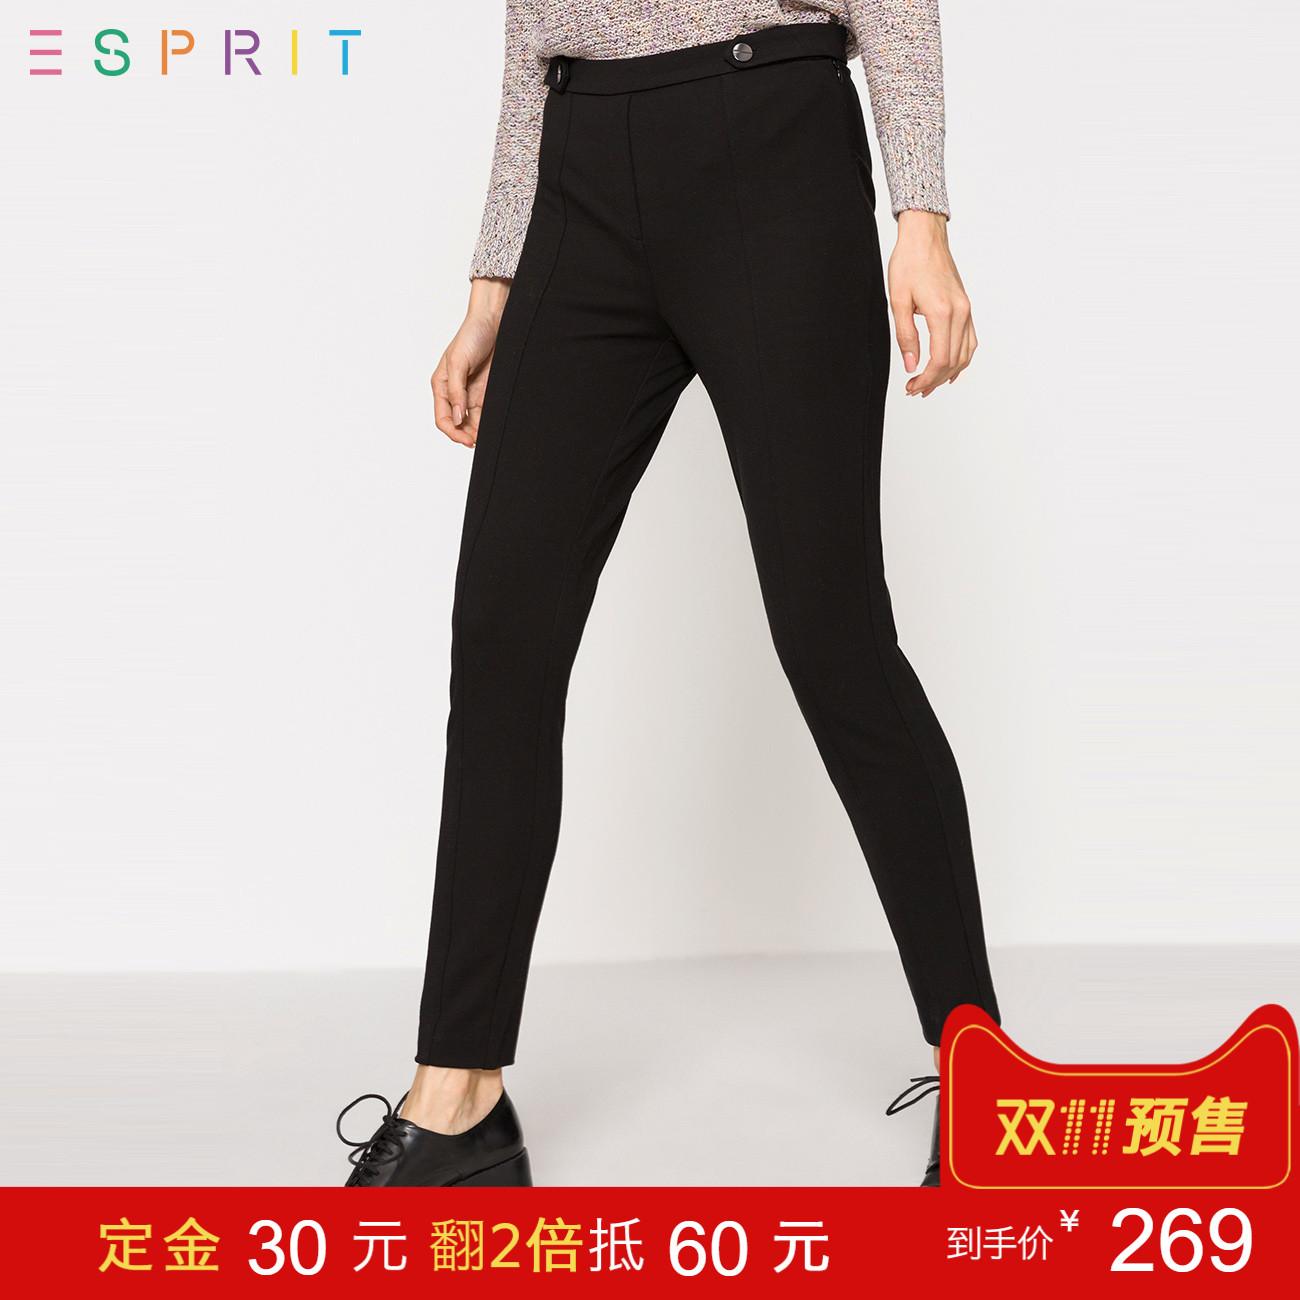 【预售】ESPRIT女装2017秋新品高腰修身小脚休闲长裤-087EO1B016